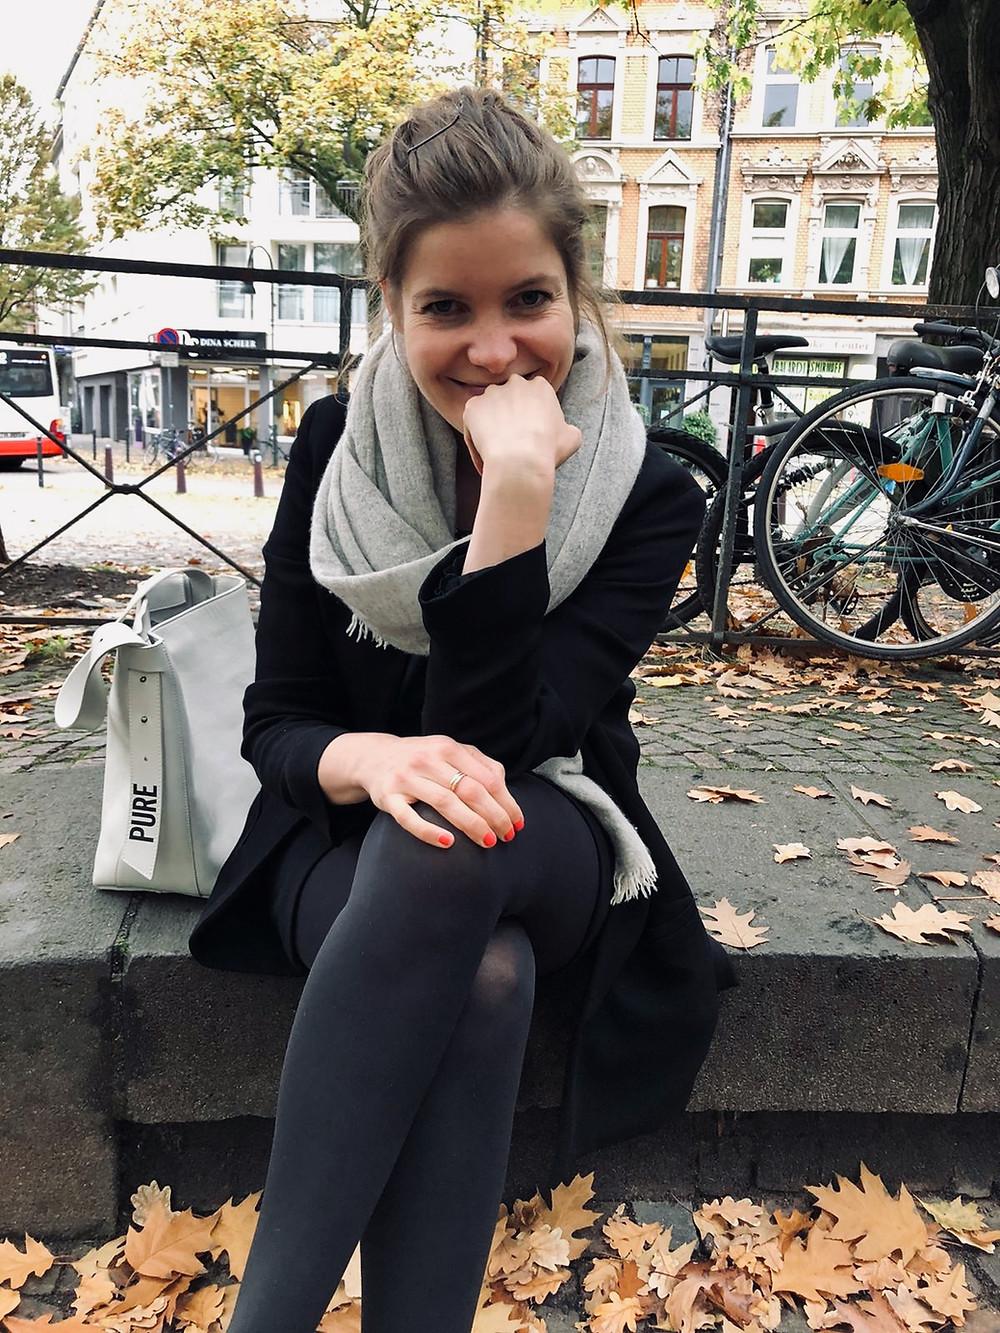 Expertin für Angstmanagement Karla Johanna Schaeffer